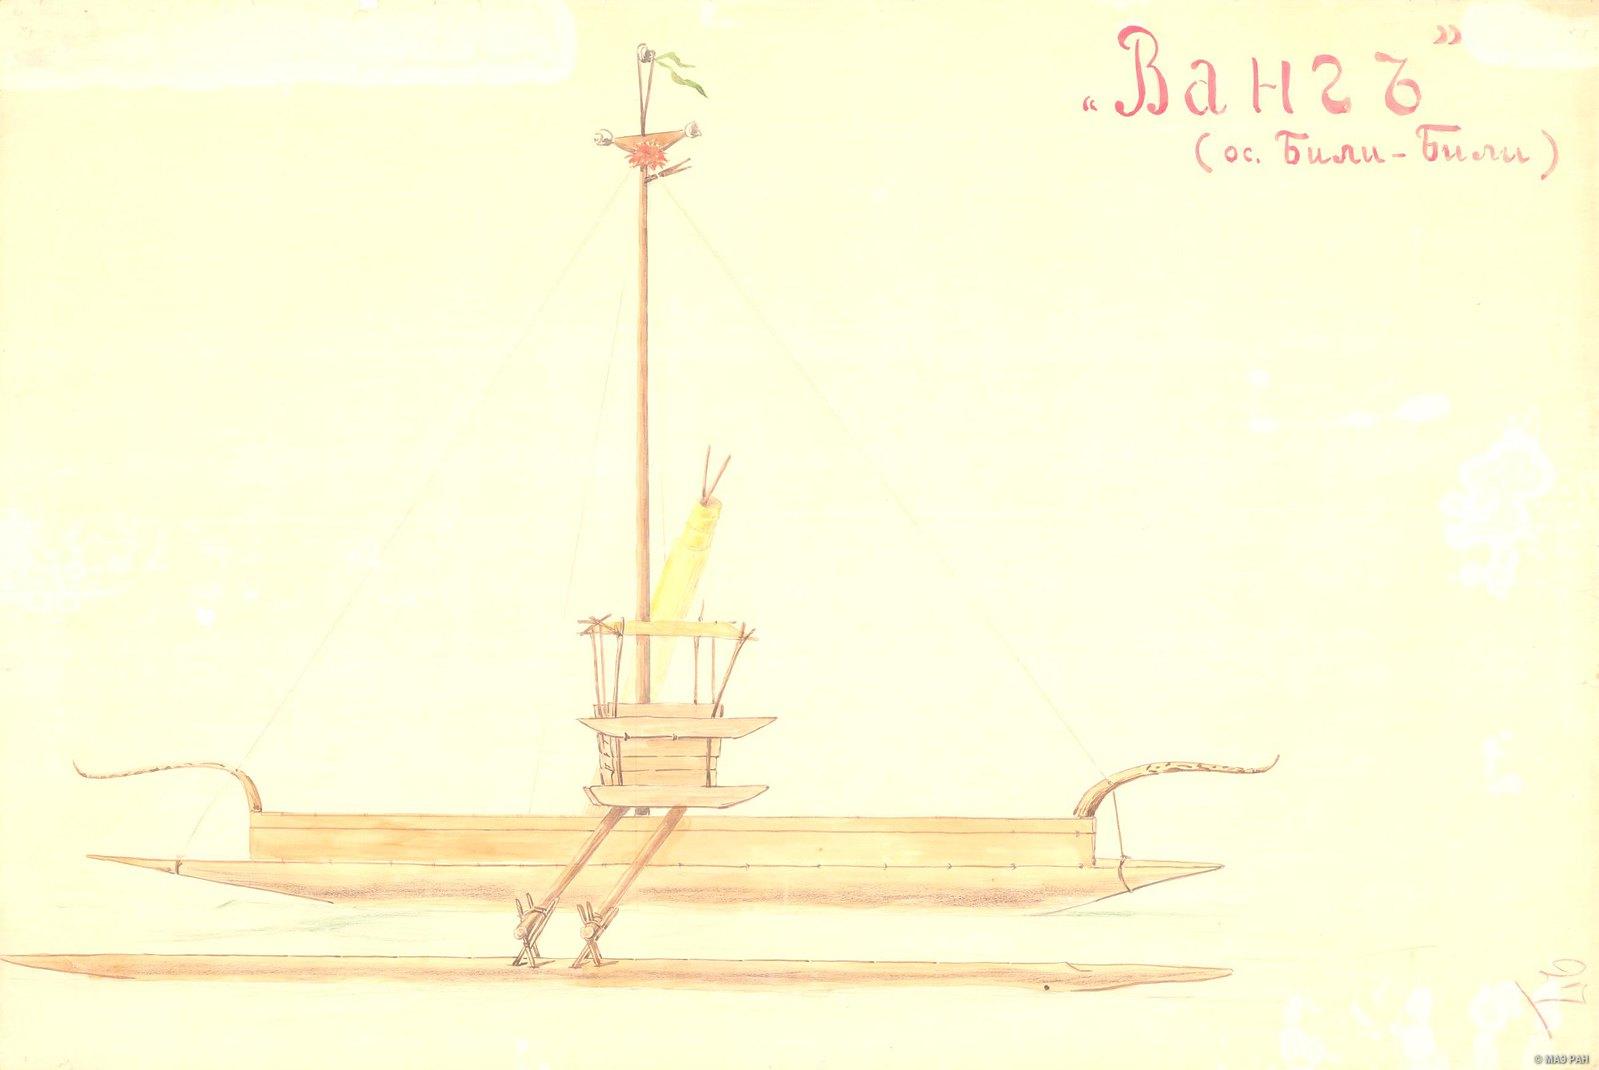 1880-е. Большая парусная лодка Ванг. (ос. Били-Били) Папуасы Новой Гвинеи